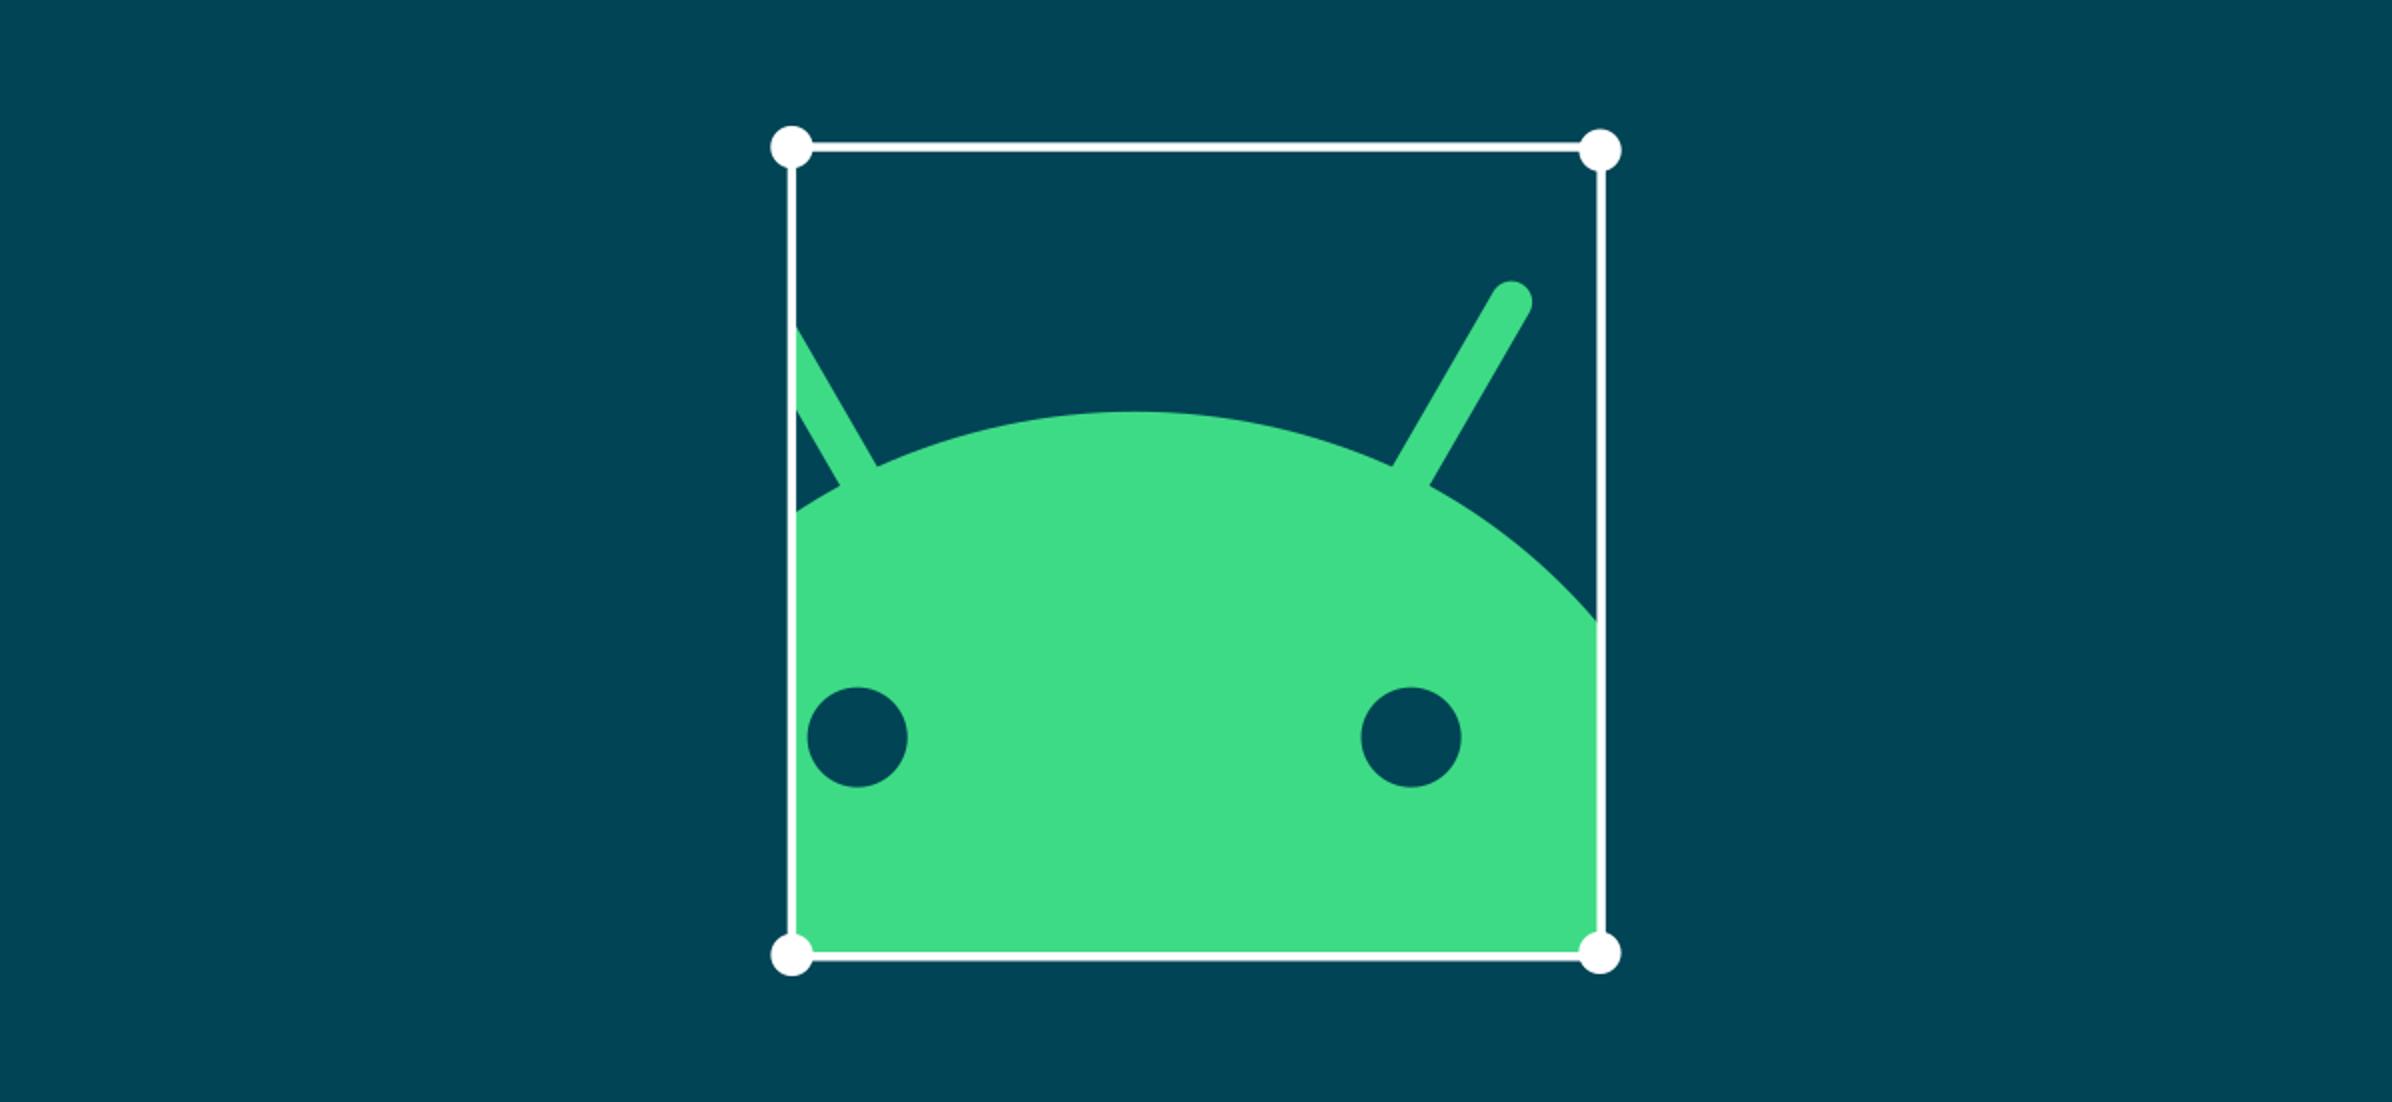 Cómo editar y recortar fotos en Android